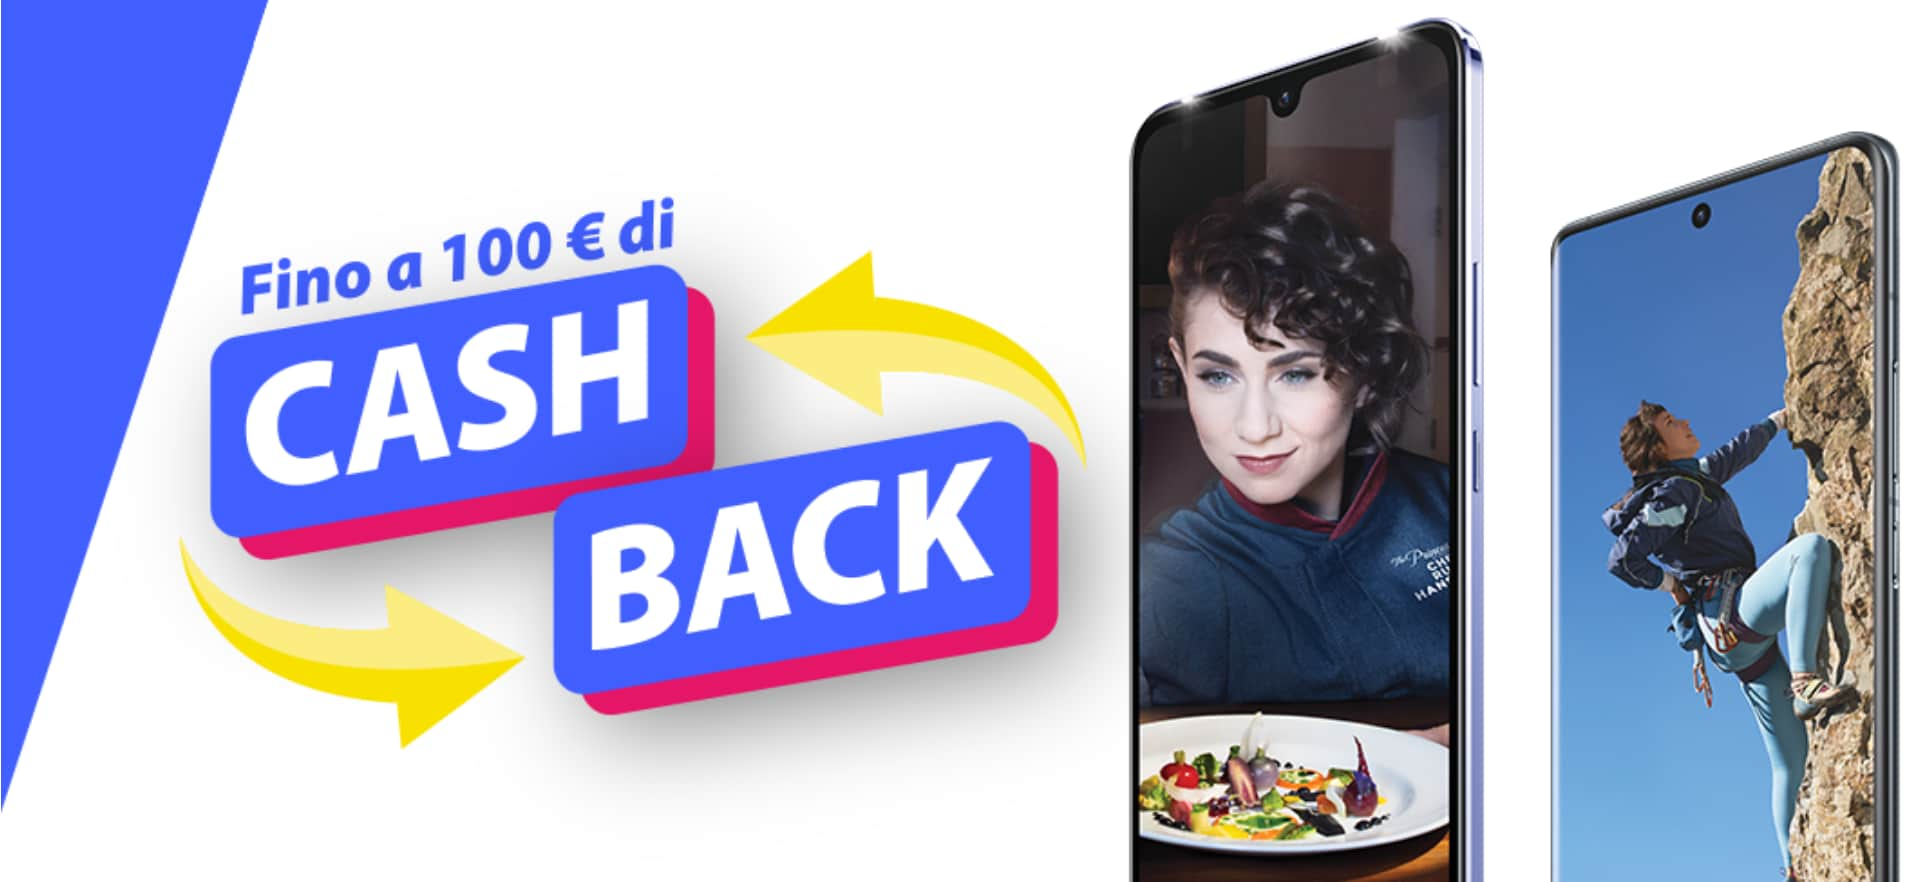 Vivo offre fino a 100€ di sconto sull'acquisto di X60 Pro e V21: ecco le condizioni - image vivo-cashback-orig on https://www.zxbyte.com